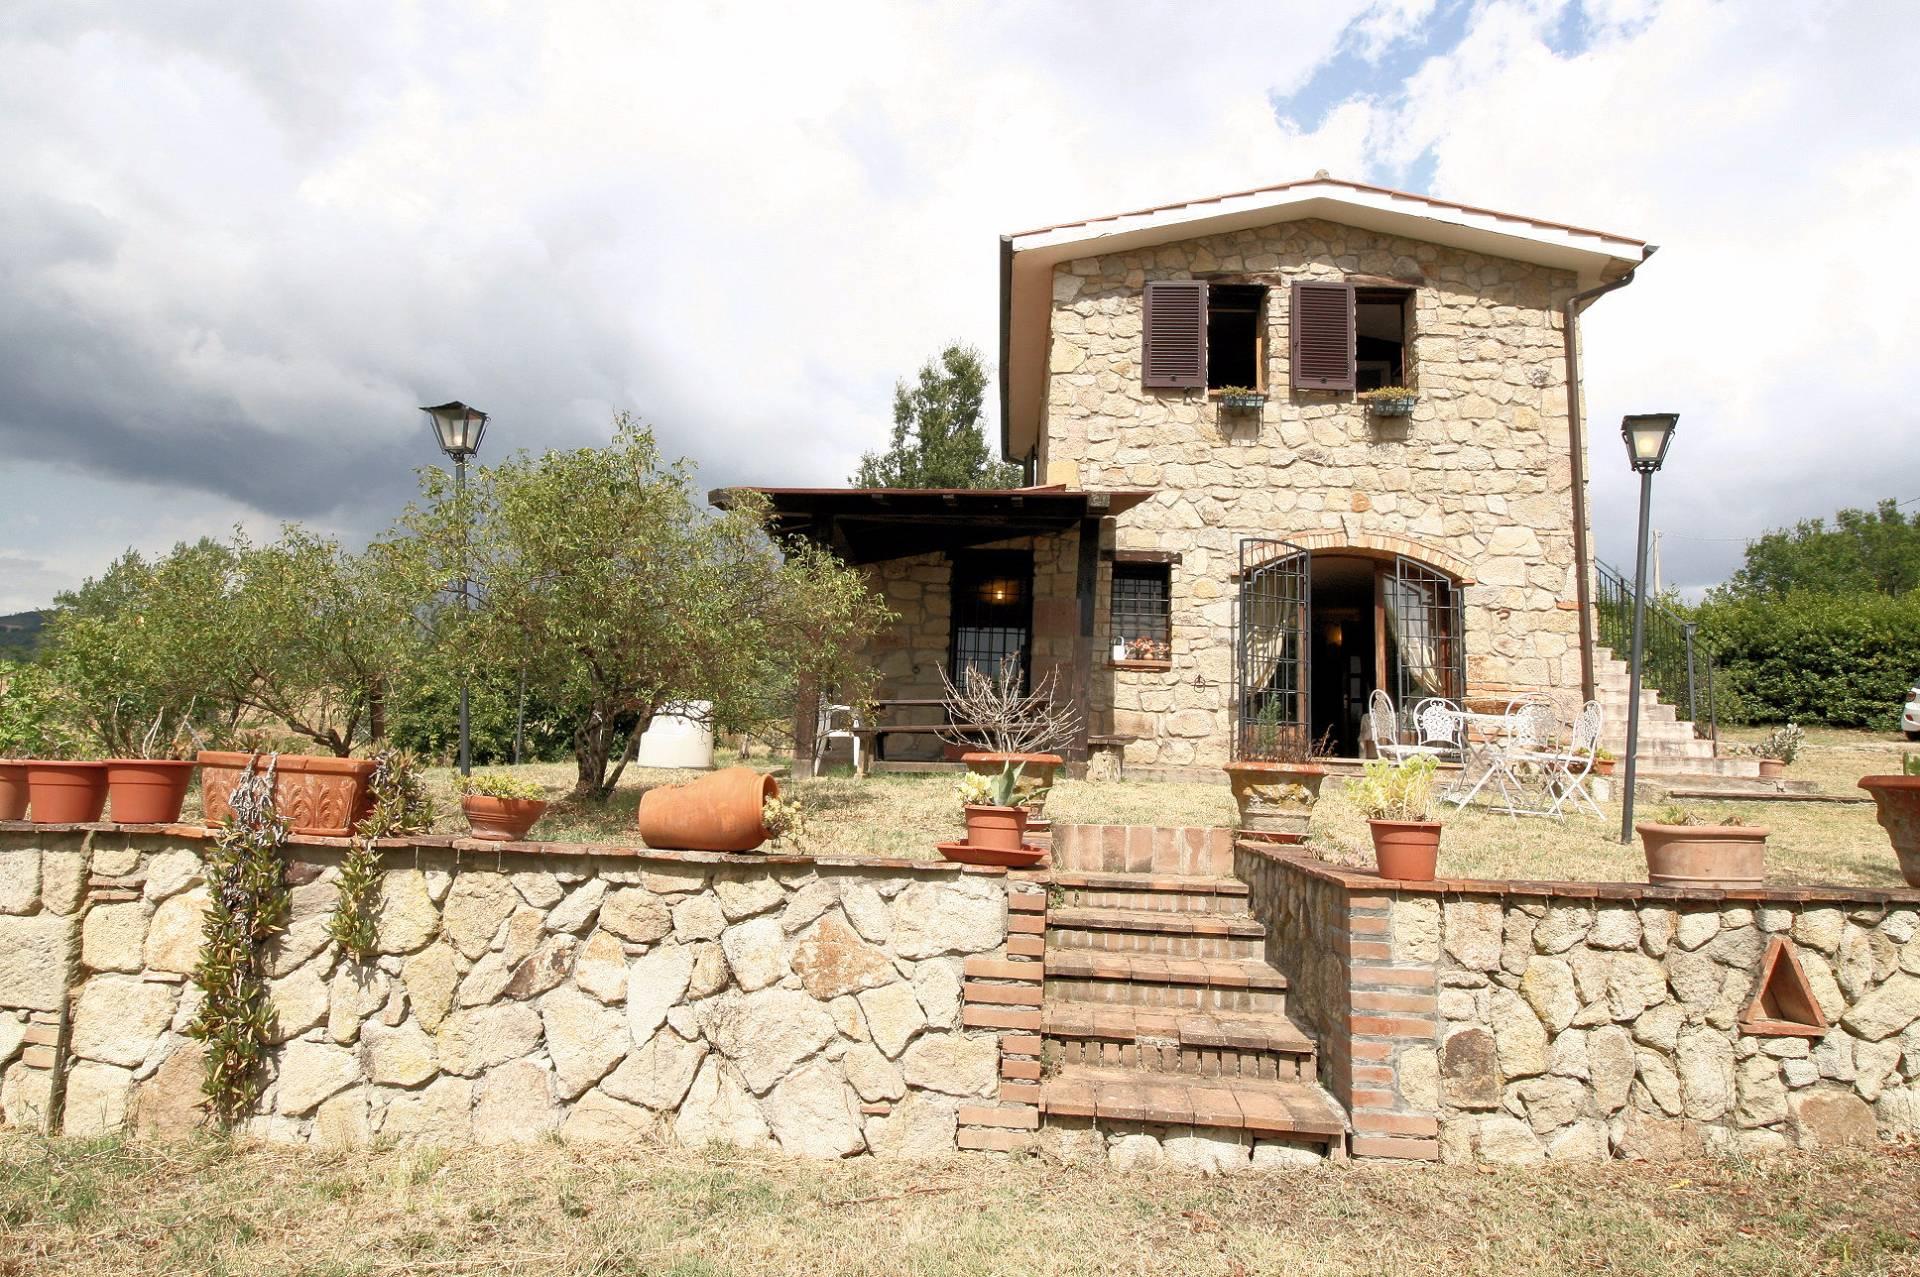 Rustico / Casale in vendita a Roccastrada, 3 locali, prezzo € 245.000 | CambioCasa.it